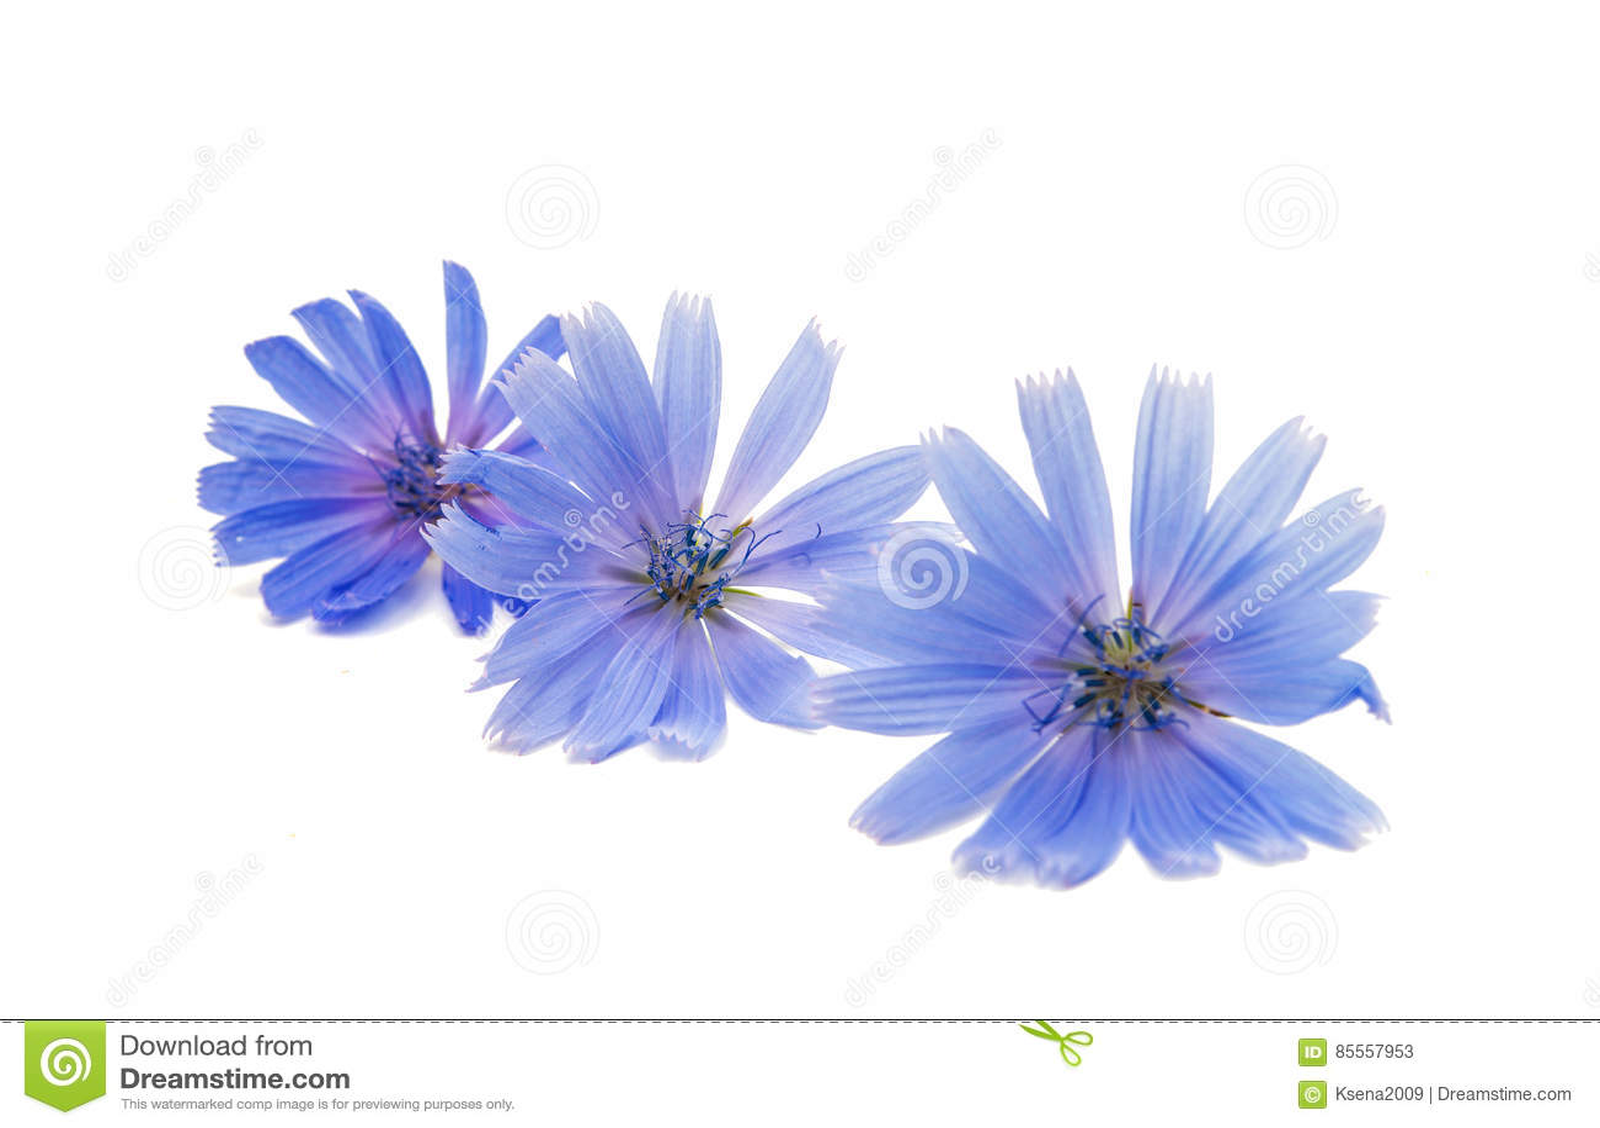 Zichorie-Blume